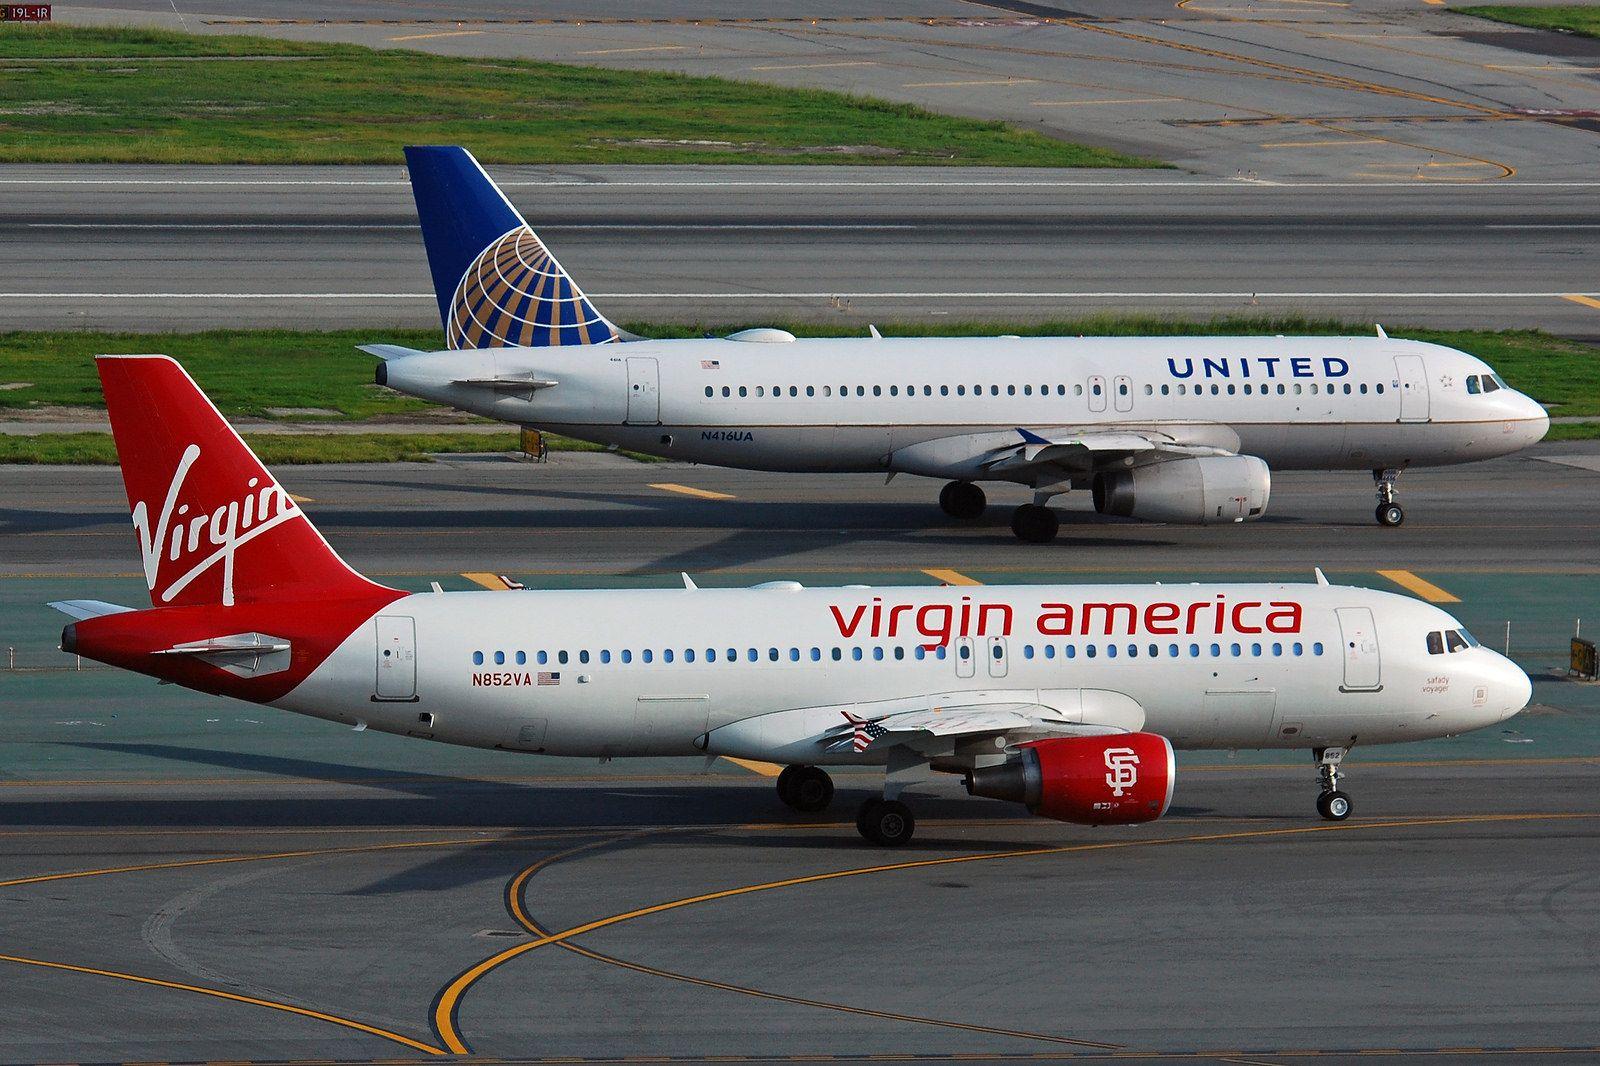 N852VA & N416UA Virgin america, Sf giants logo, Vintage